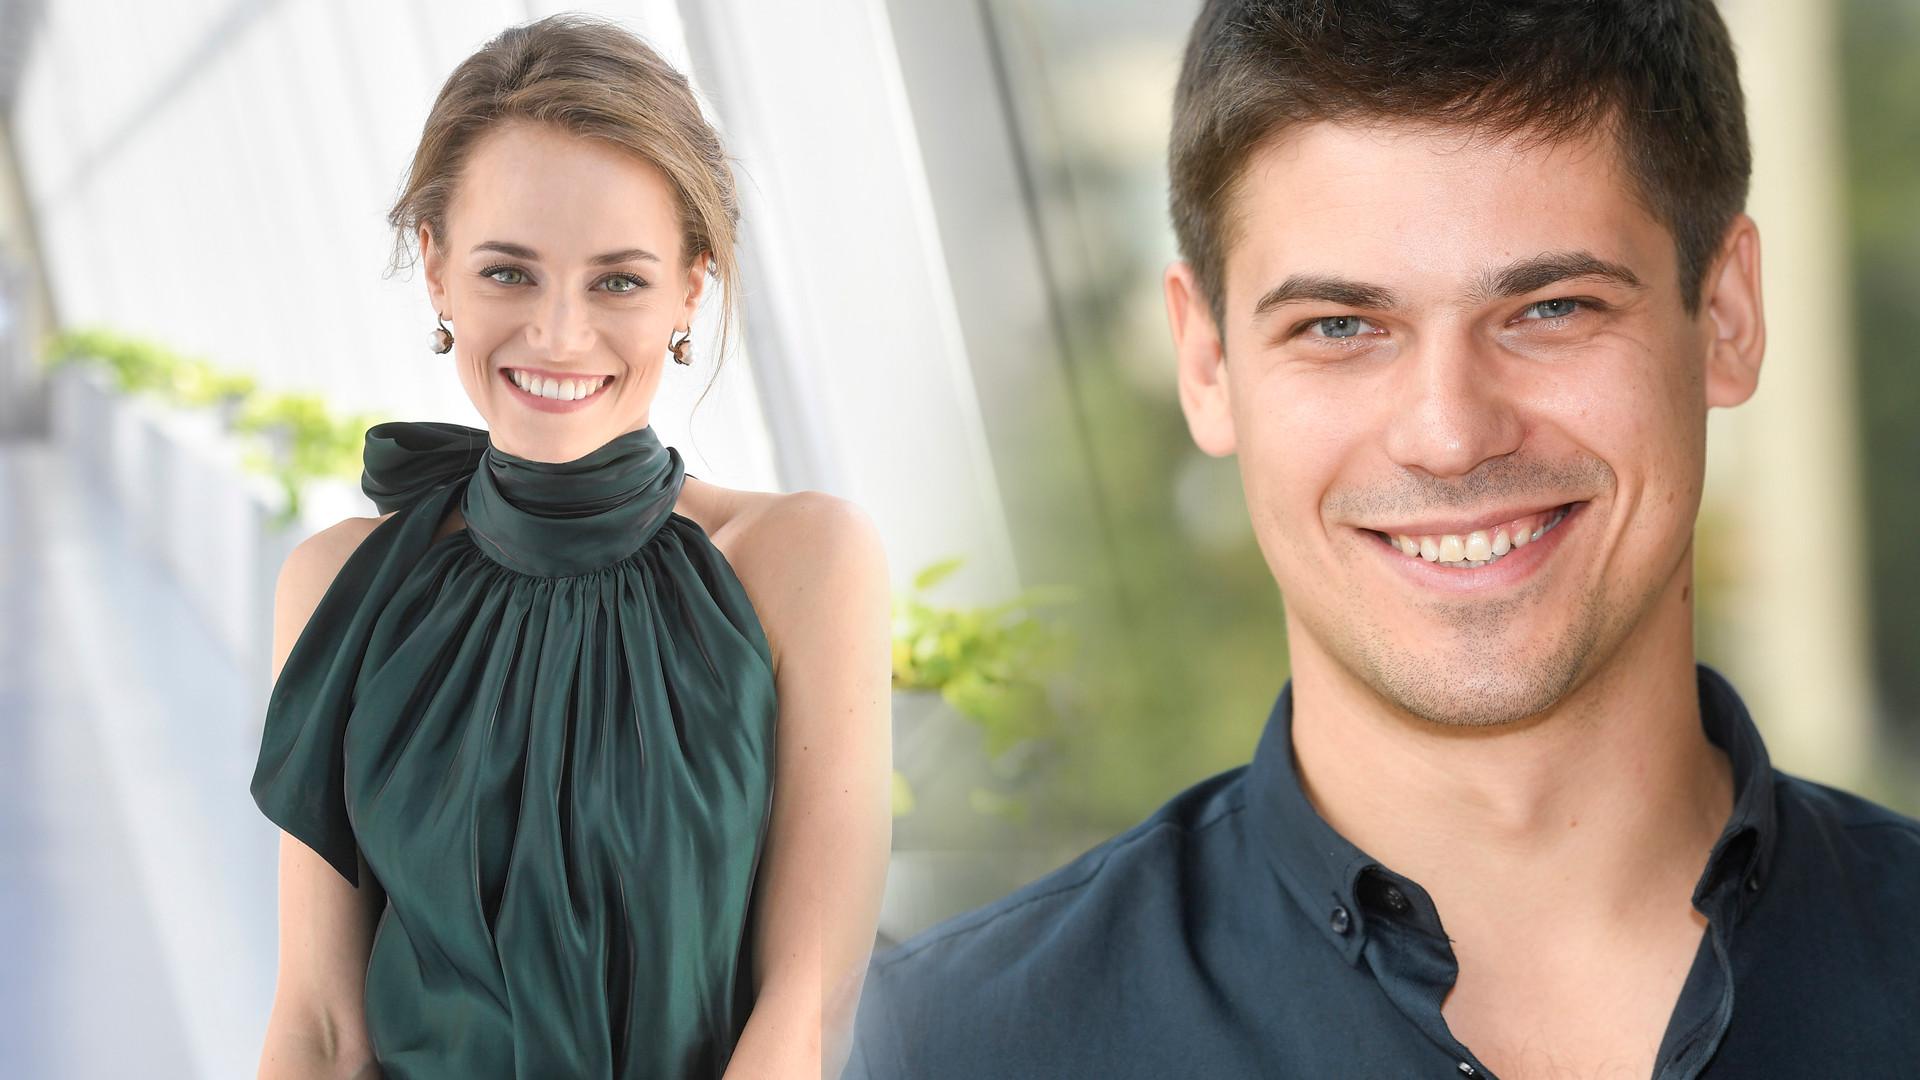 Gwiazdy serialu Zniewolona w Polsce! Piękna Katerina i przystojny Aleksiej (ZDJĘCIA)